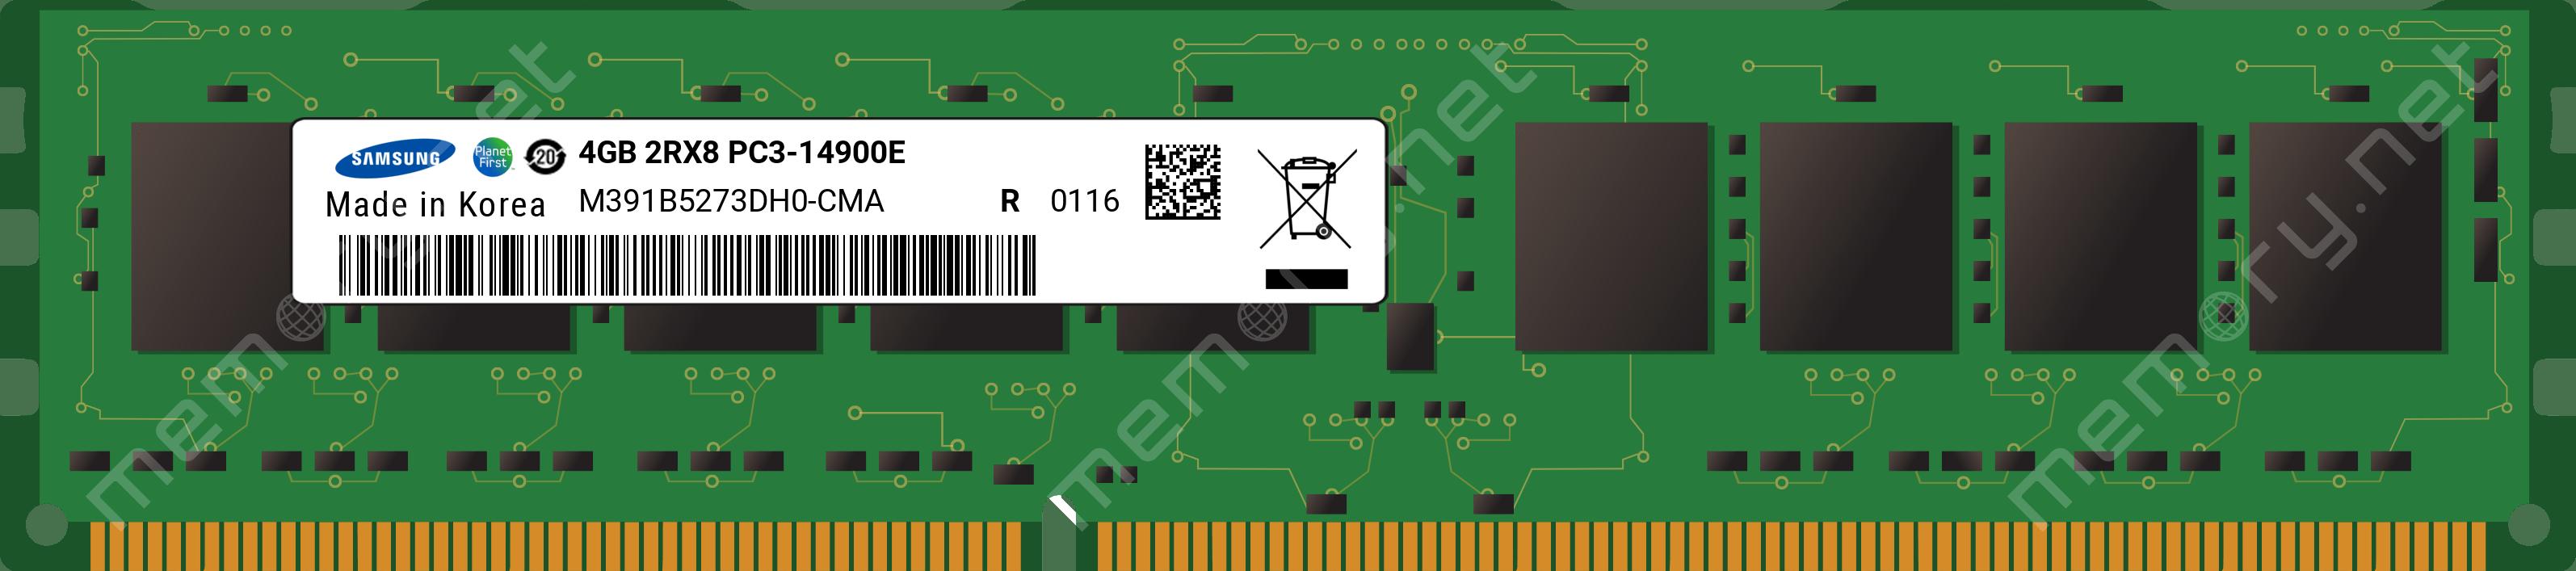 M391B5273DH0-CMA